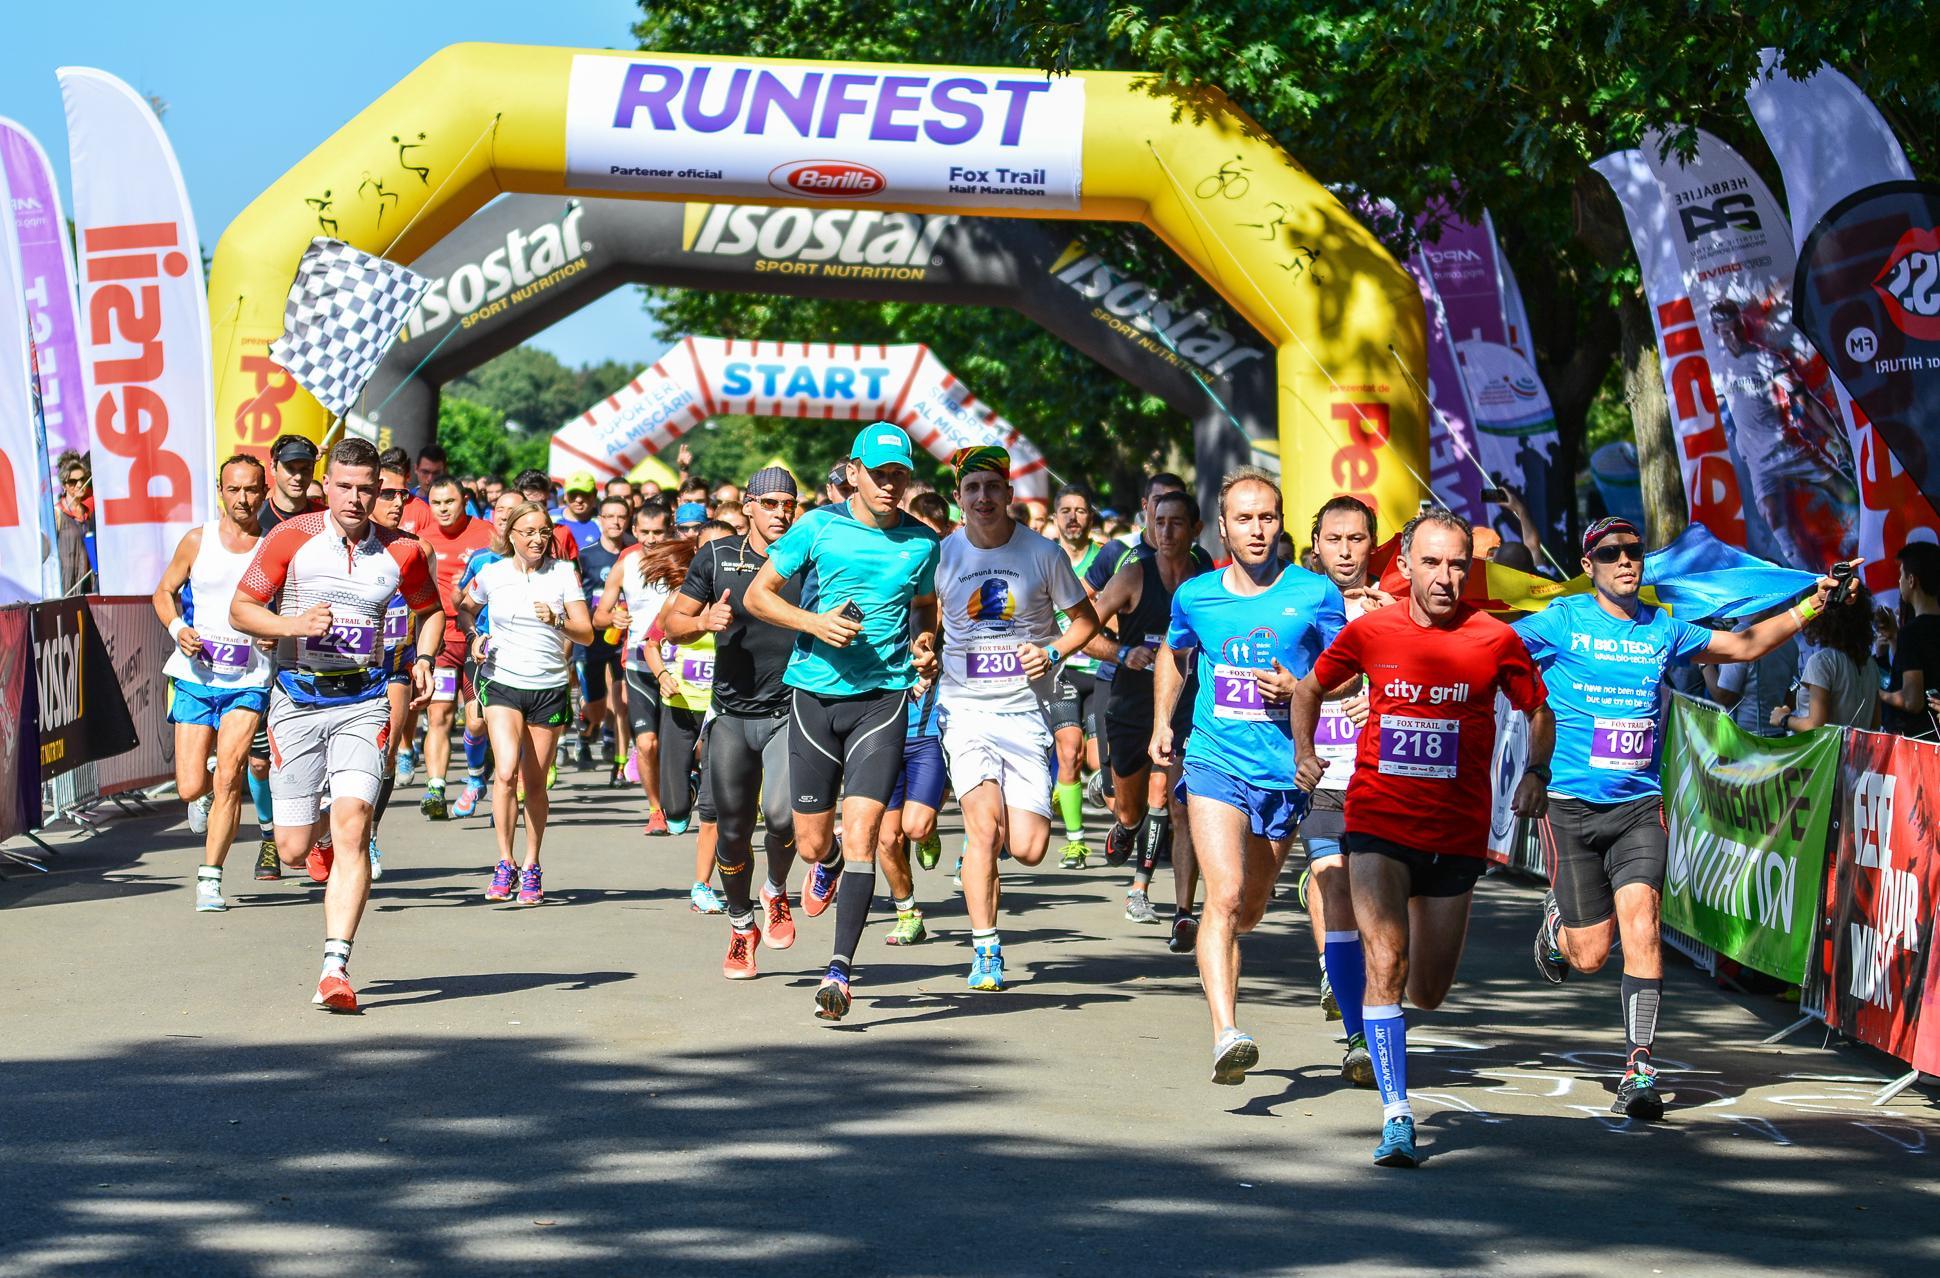 Intrați în cursă la FOX TRAIL Half Marathon și bucurați-vă de mișcare la începutul toamnei!